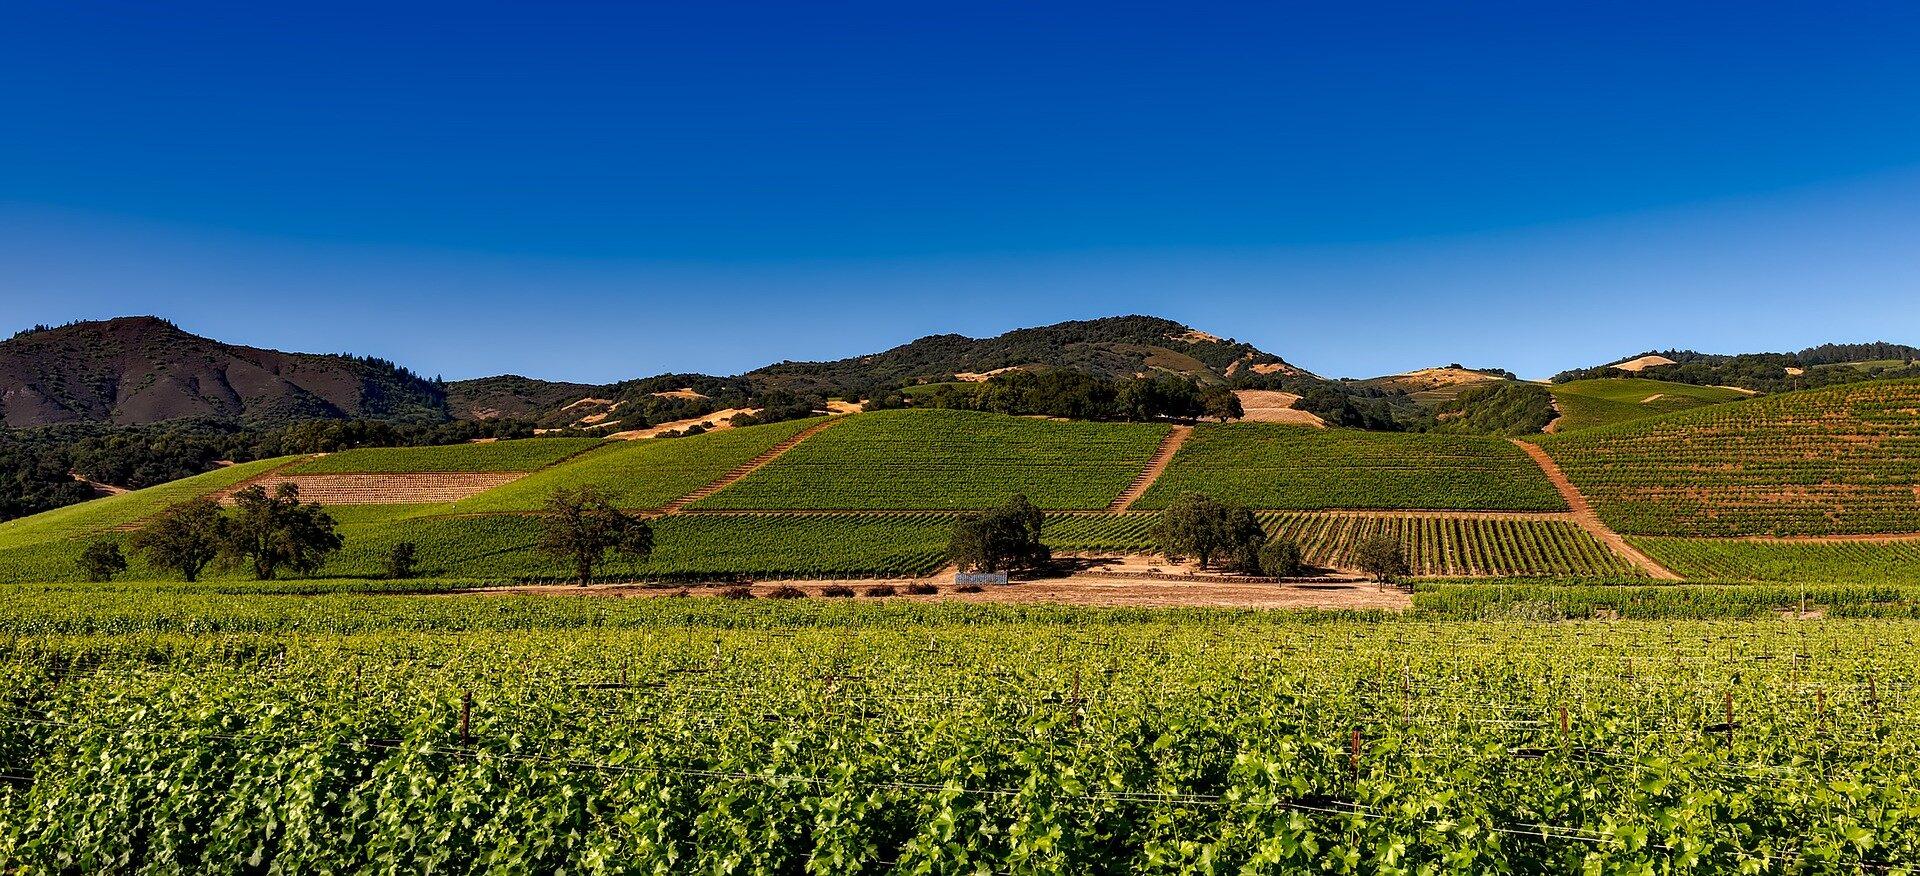 vineyards-1590014_1920.jpg